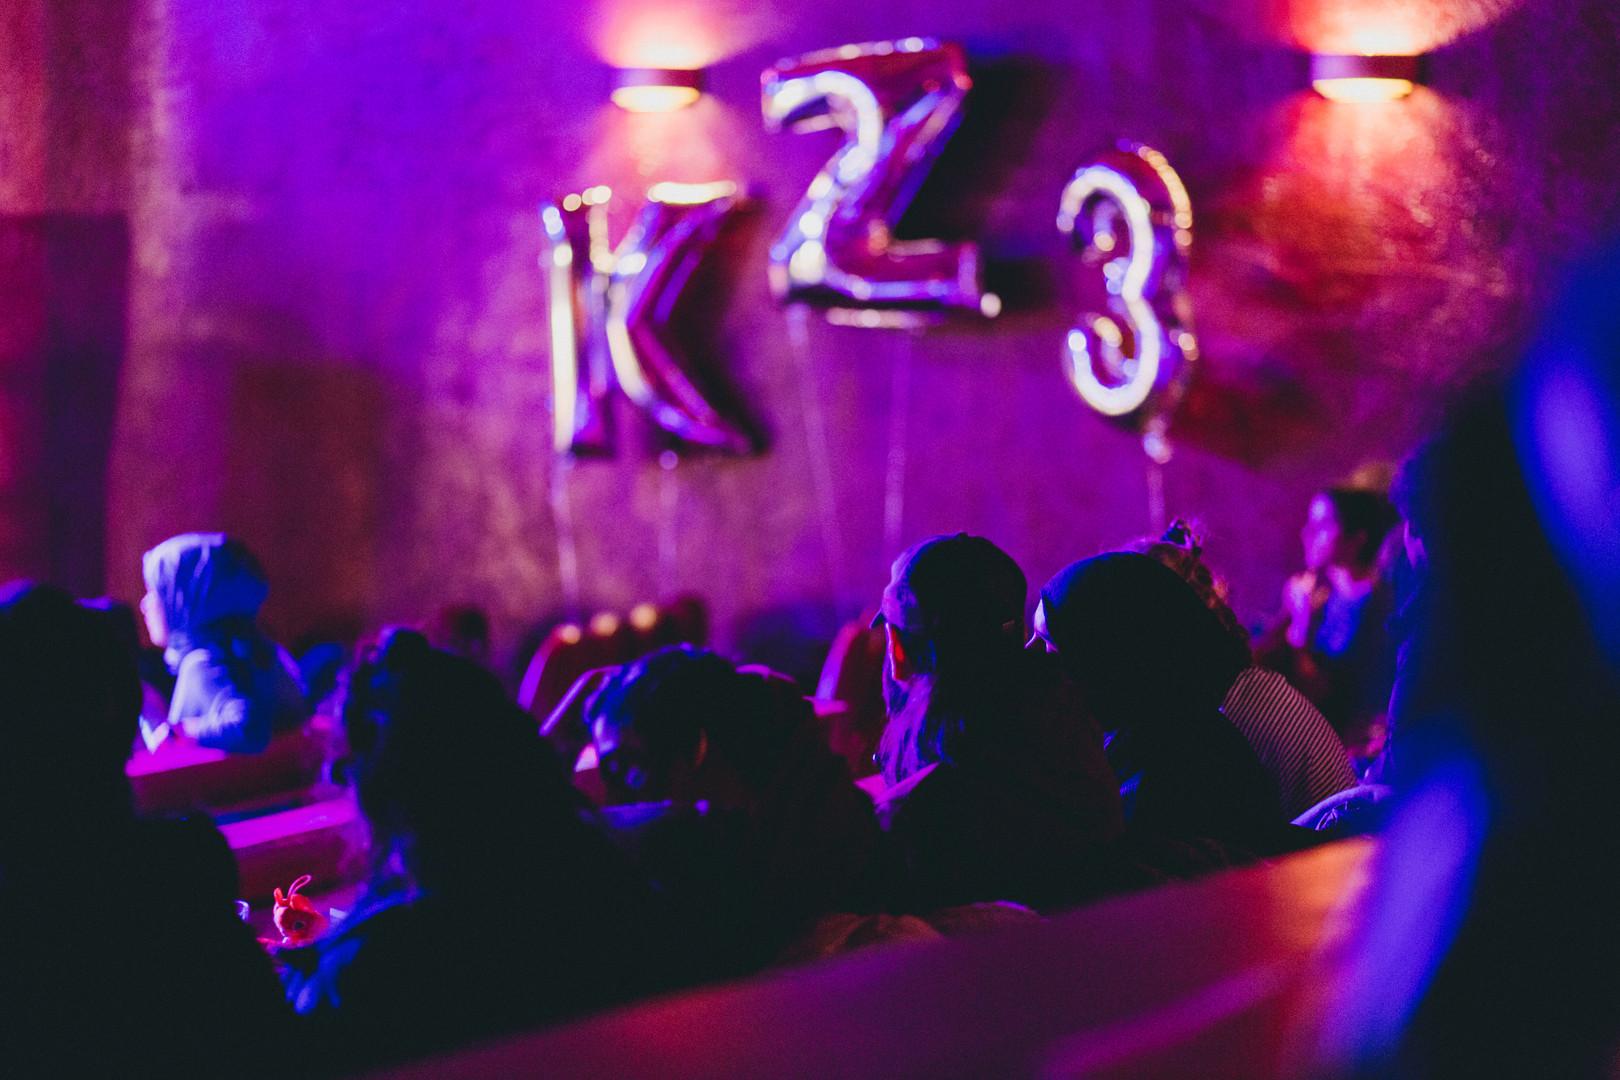 KZ3.jpg